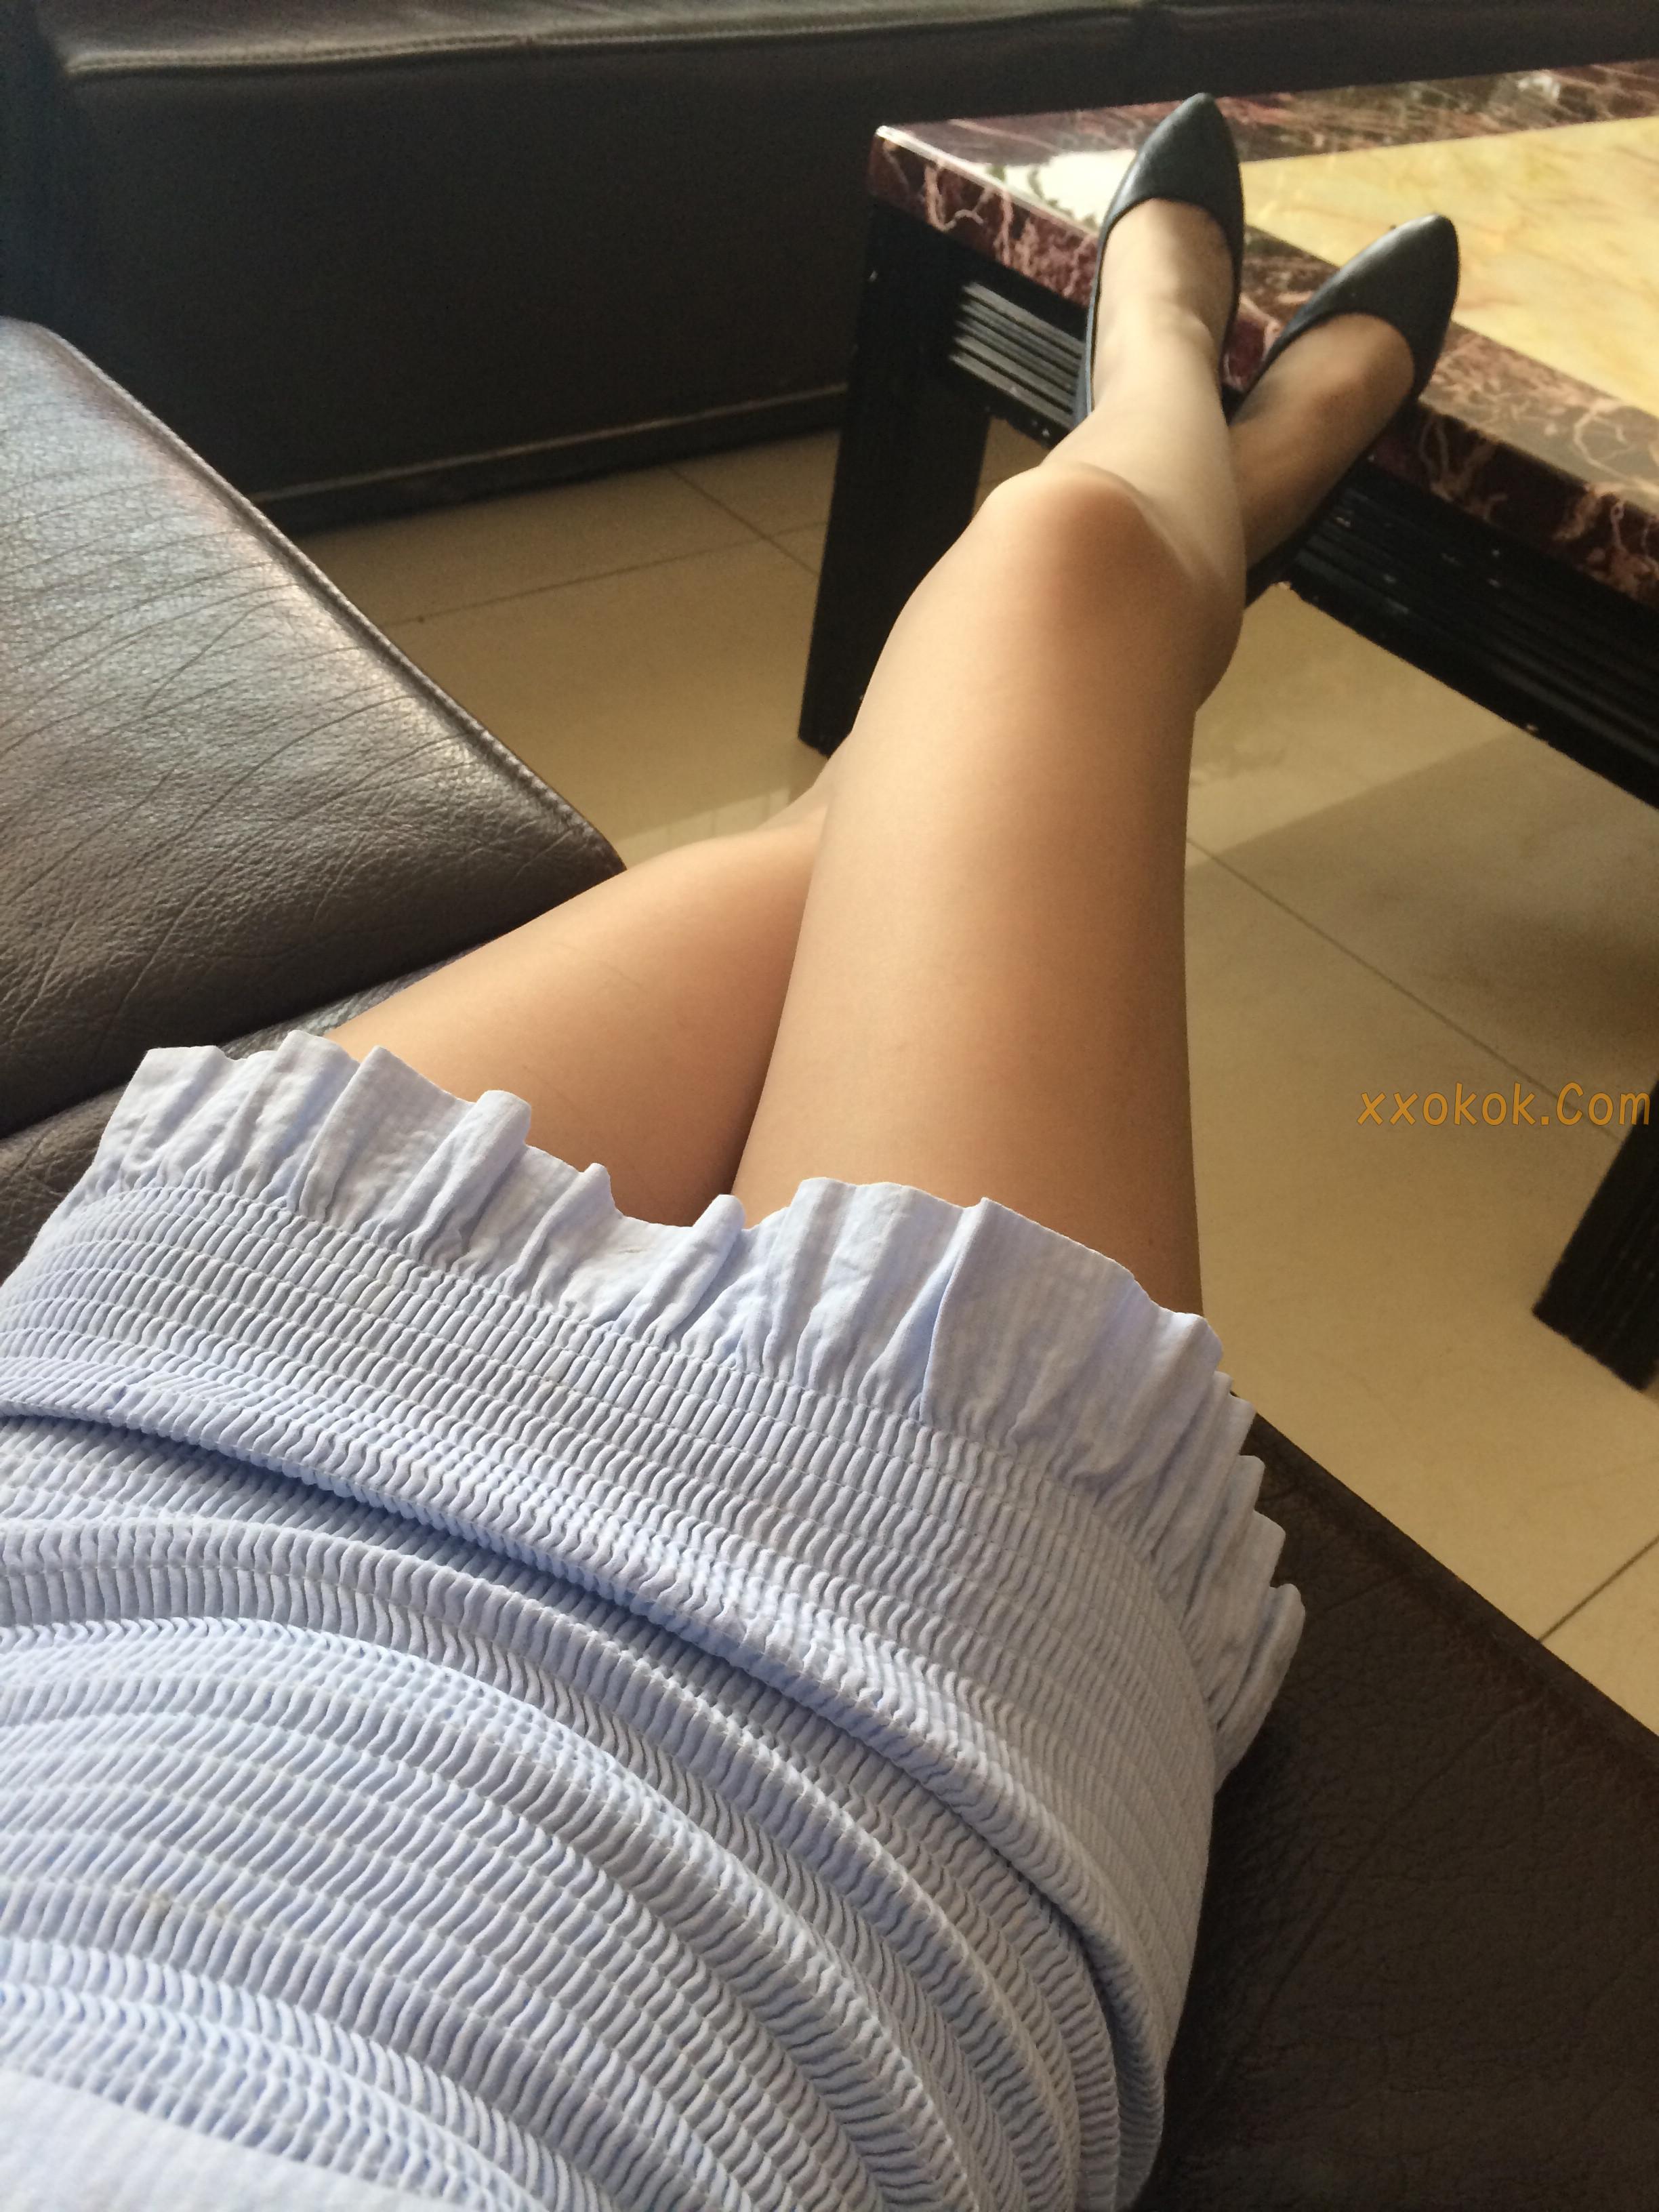 我钟爱粉色指甲油,更偏爱黑丝短裙,第四季31